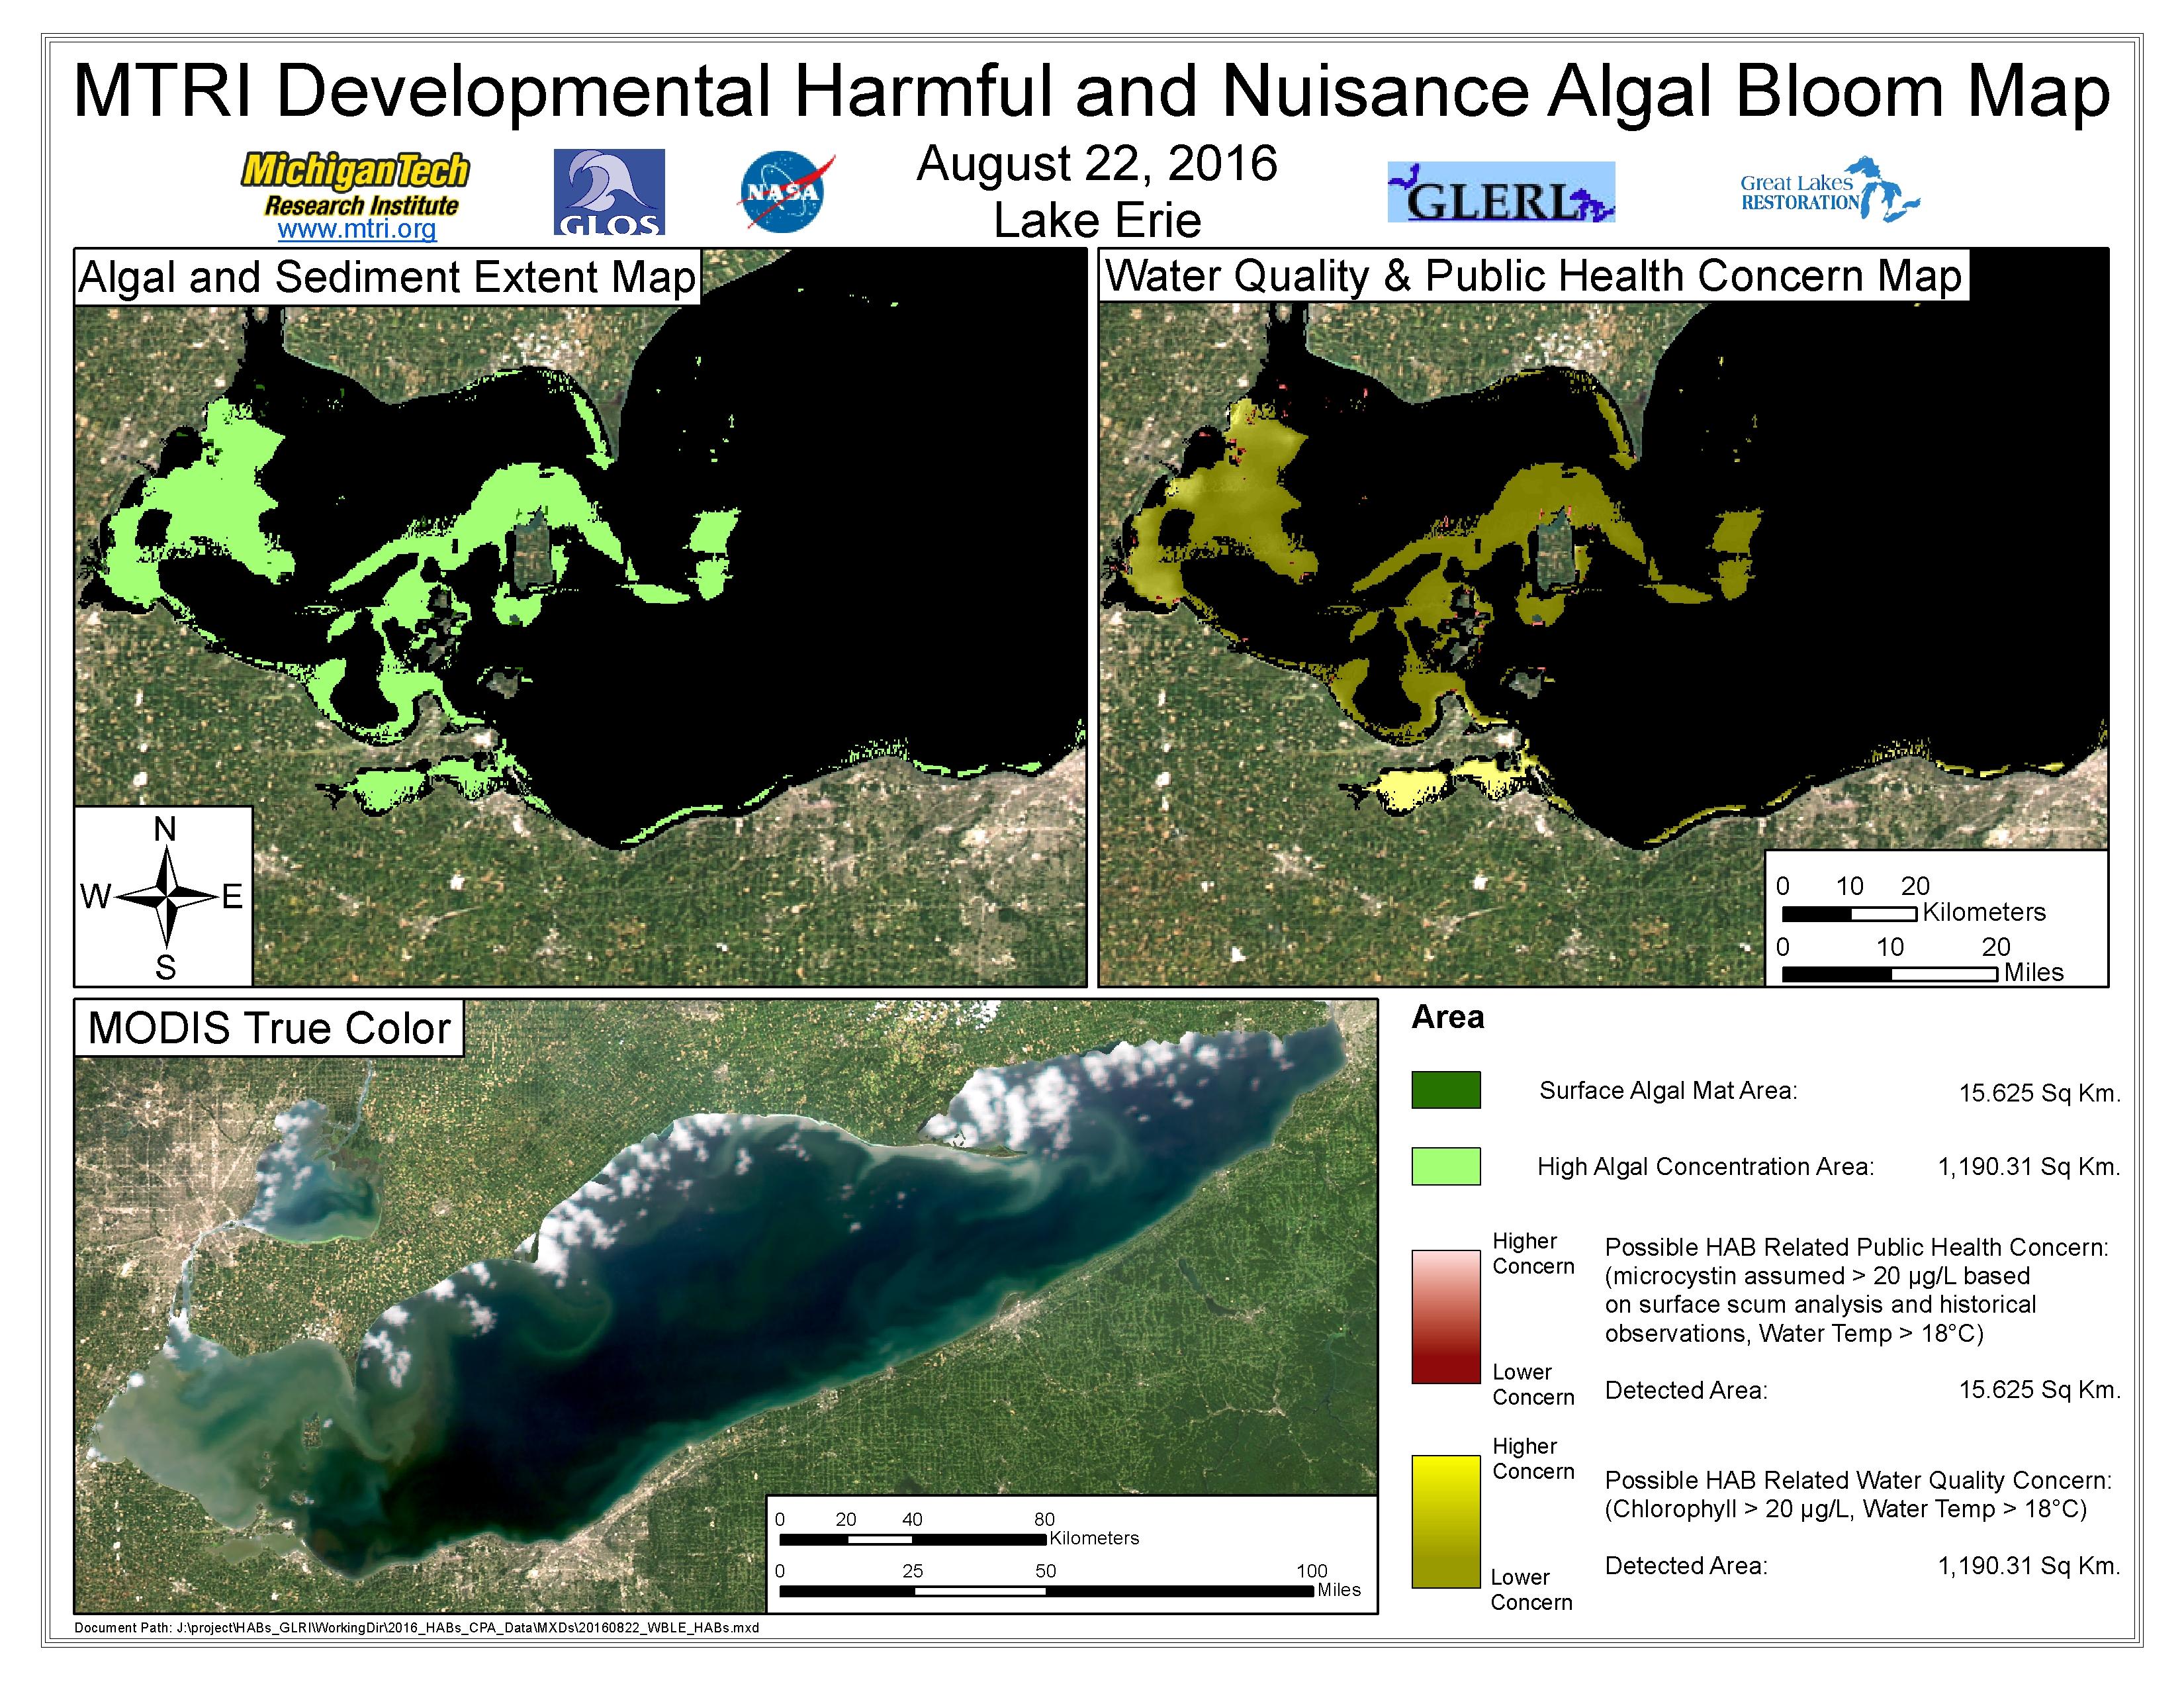 MODIS Aqua retrieval August 22, 2016